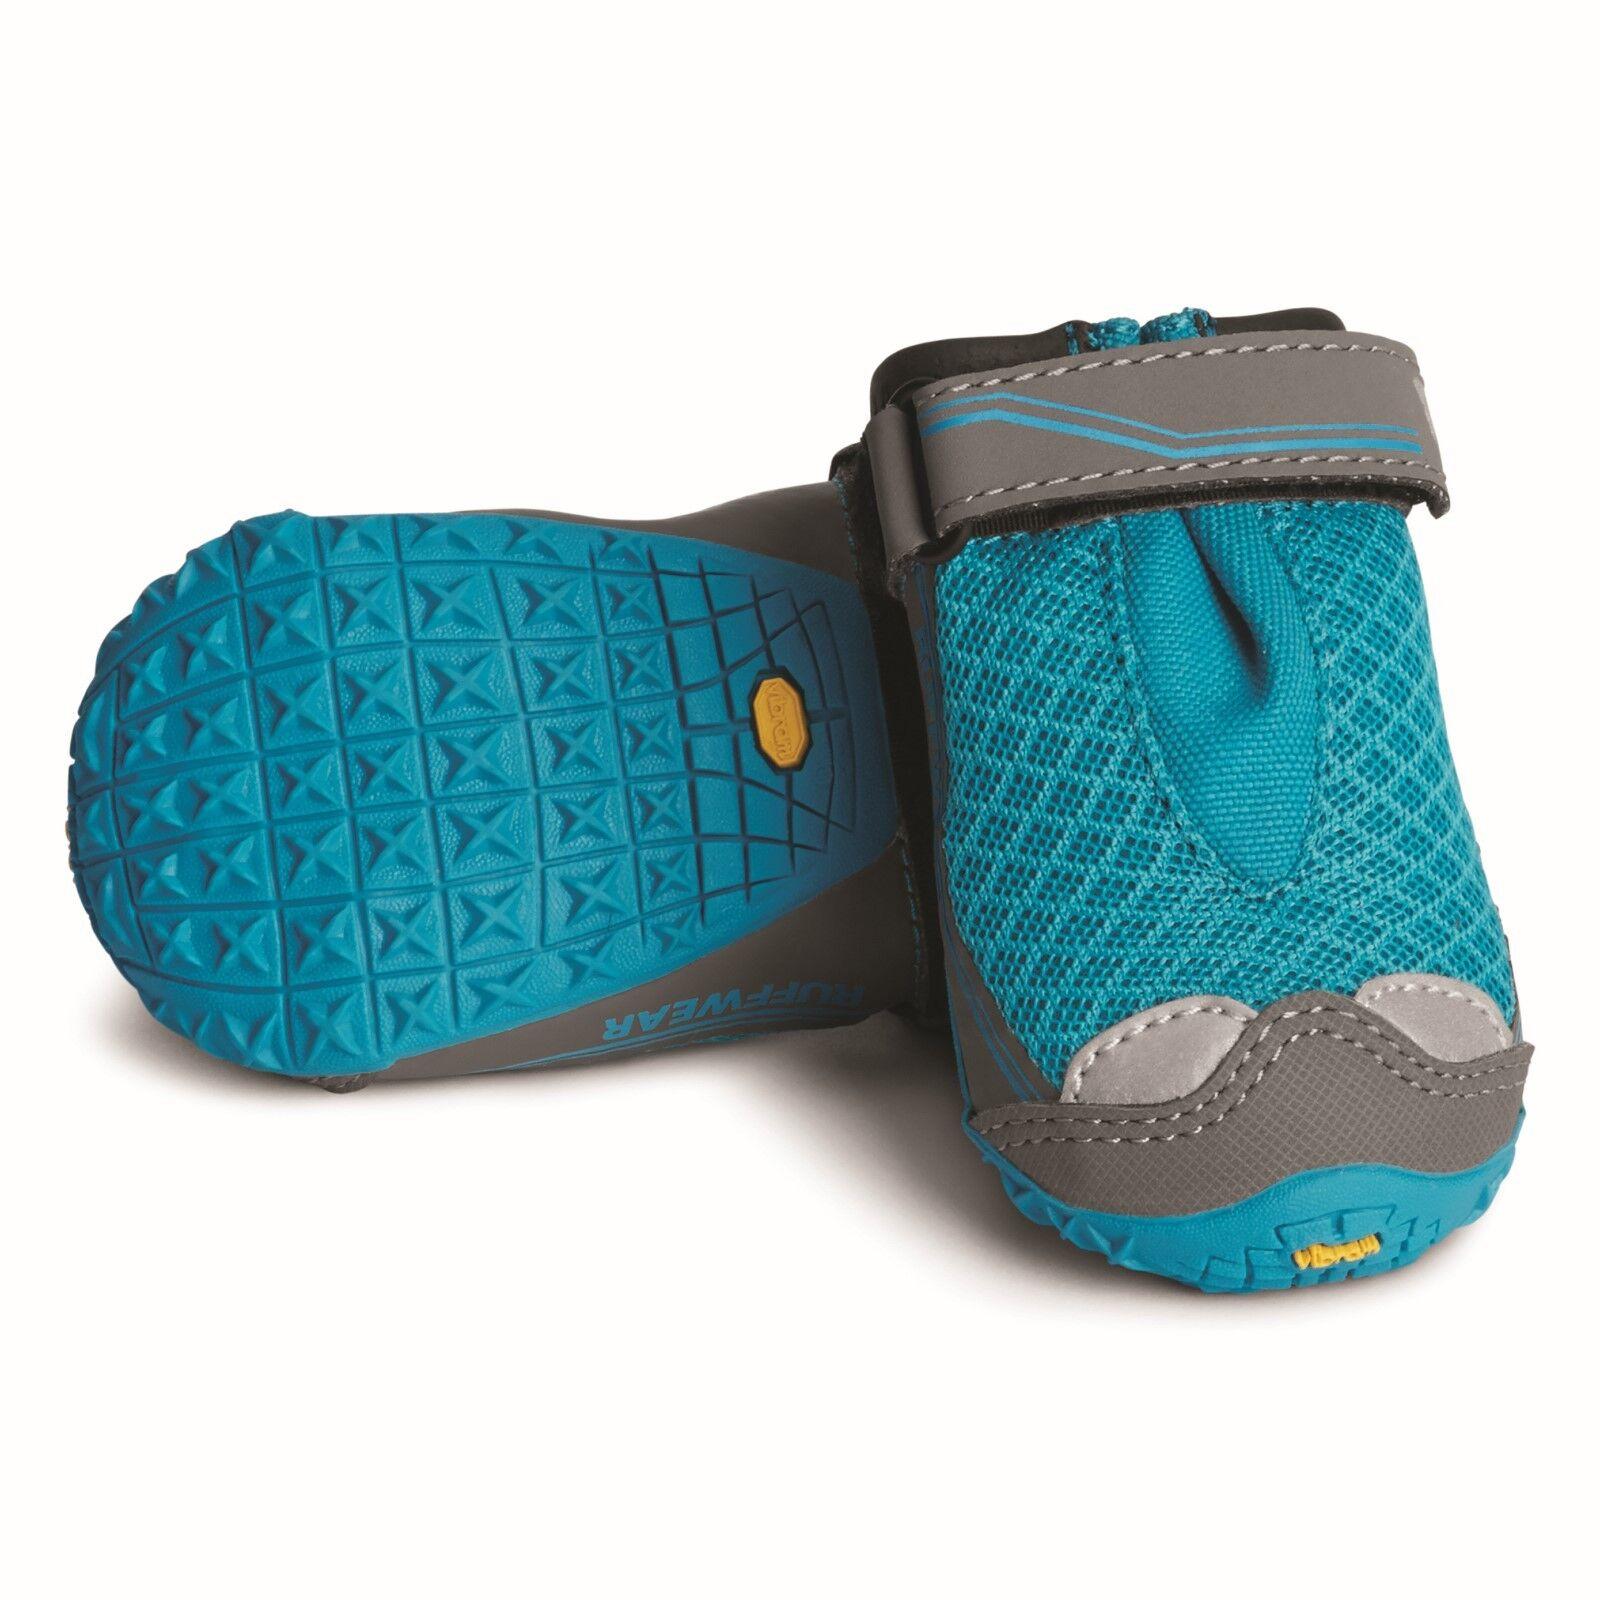 Ruffwear, Grip Trex Hundeschuhe, atmungsaktiv, 1Paar, Blau Spring (blau), 64mm   | Outlet Store Online